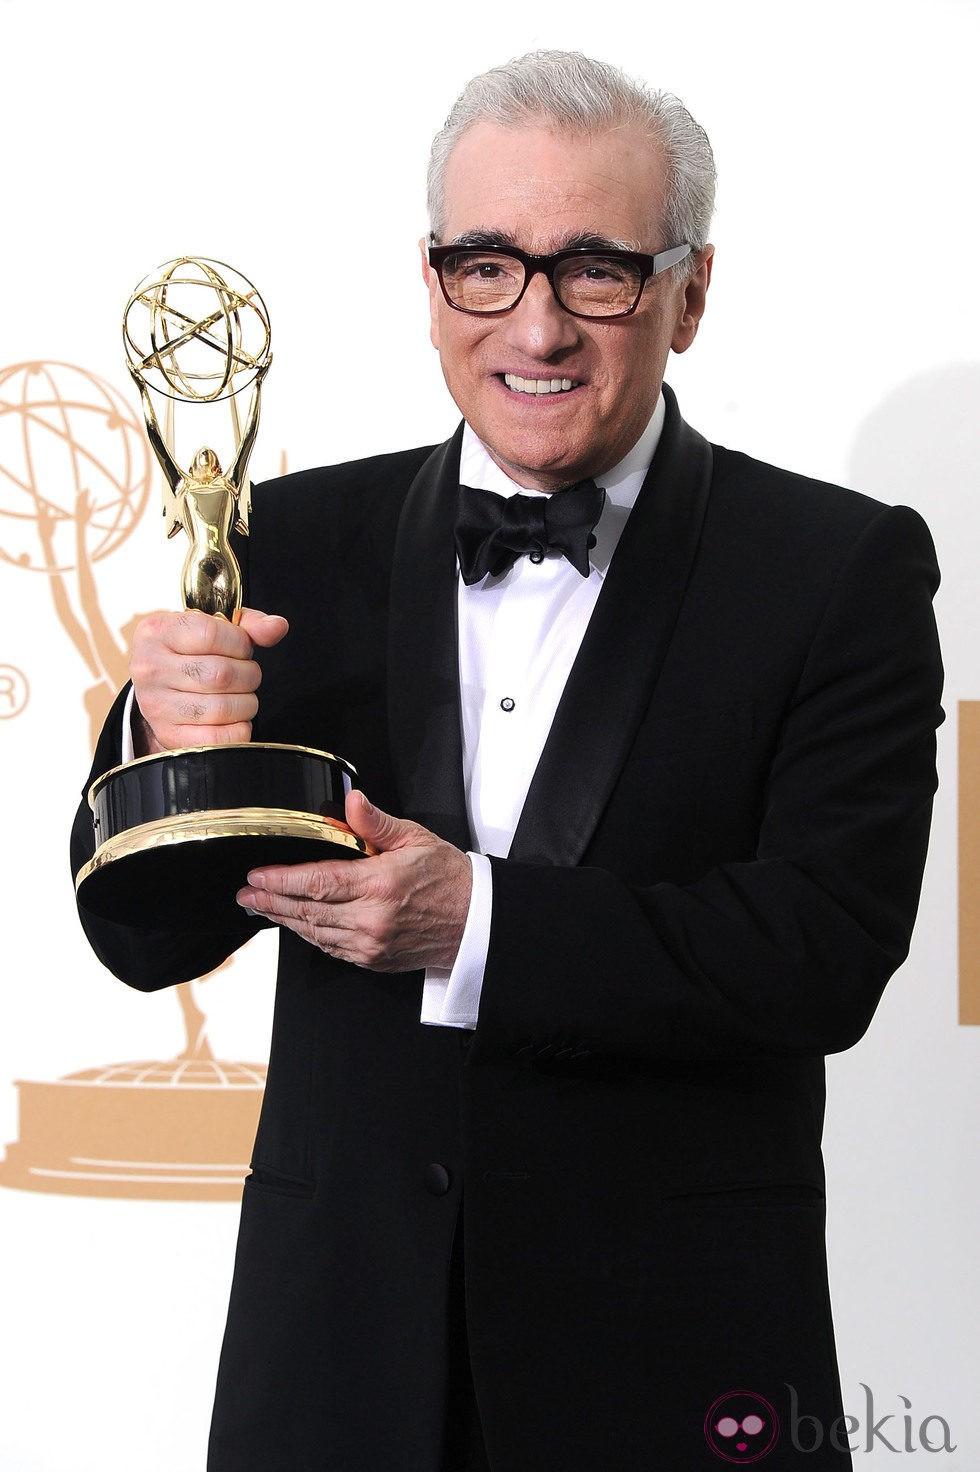 Martin Scorsese con su galardón en los premios Emmy 2011